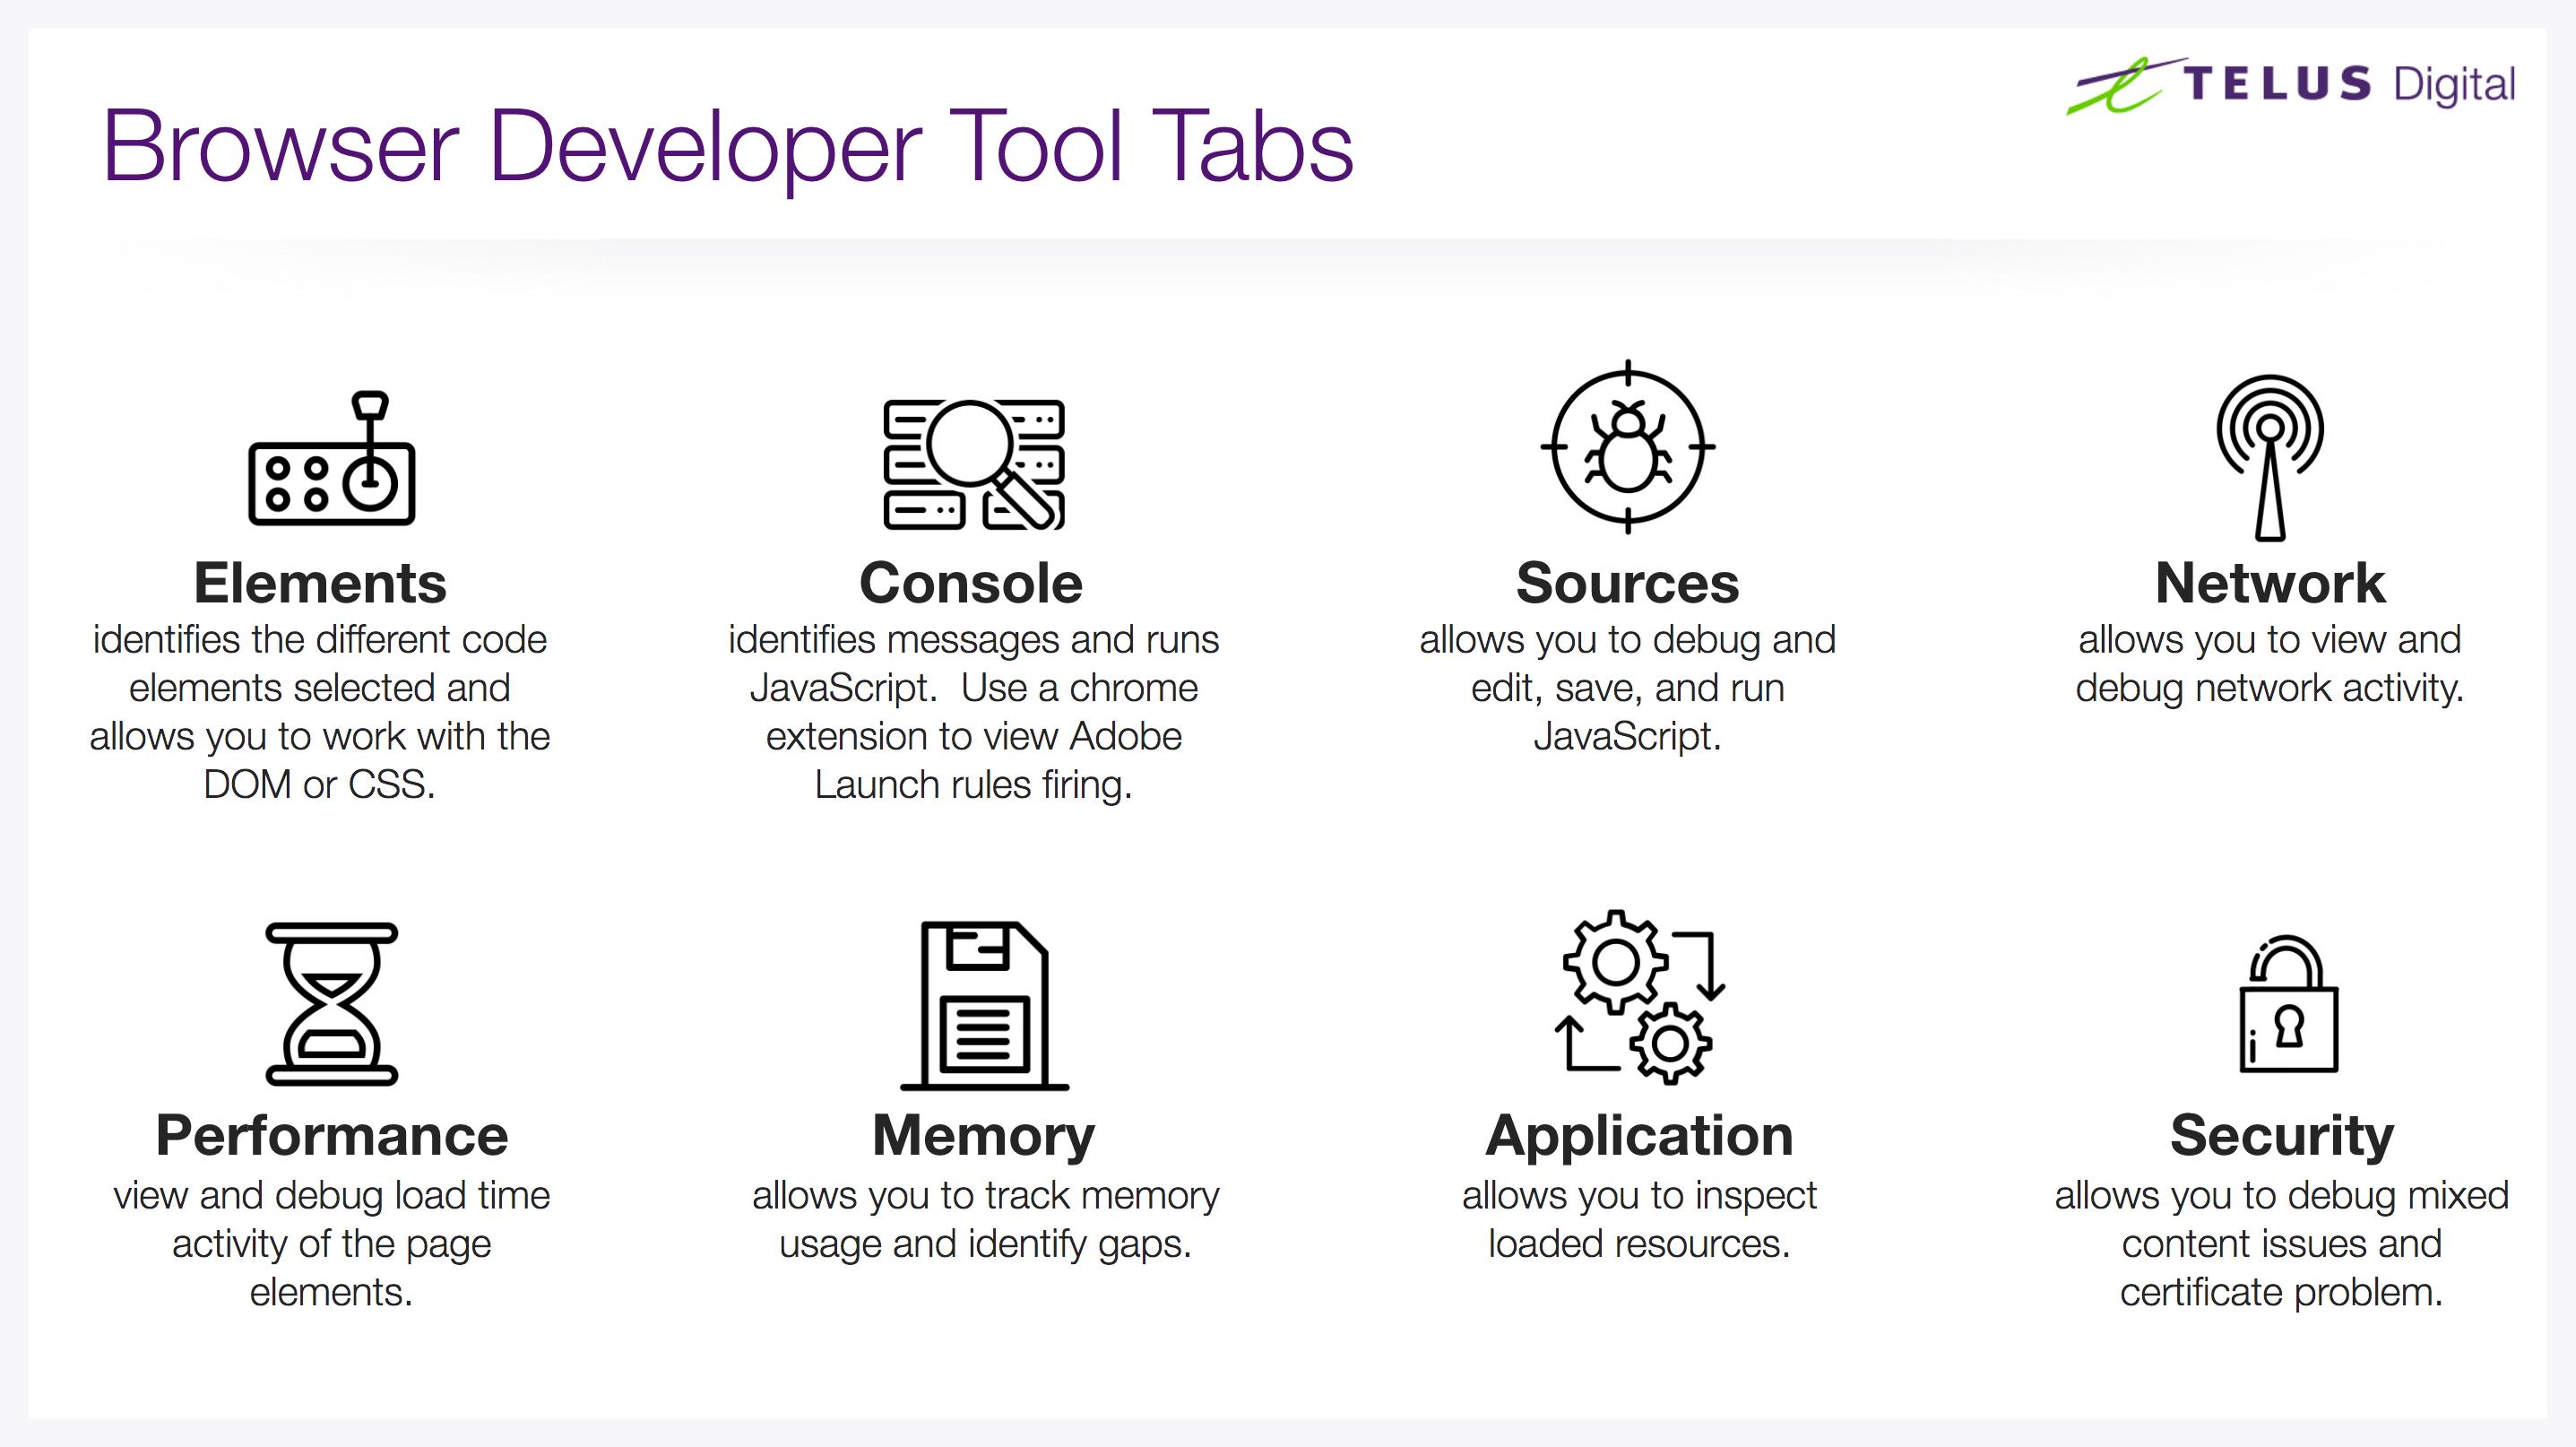 Browser developer tool tabs